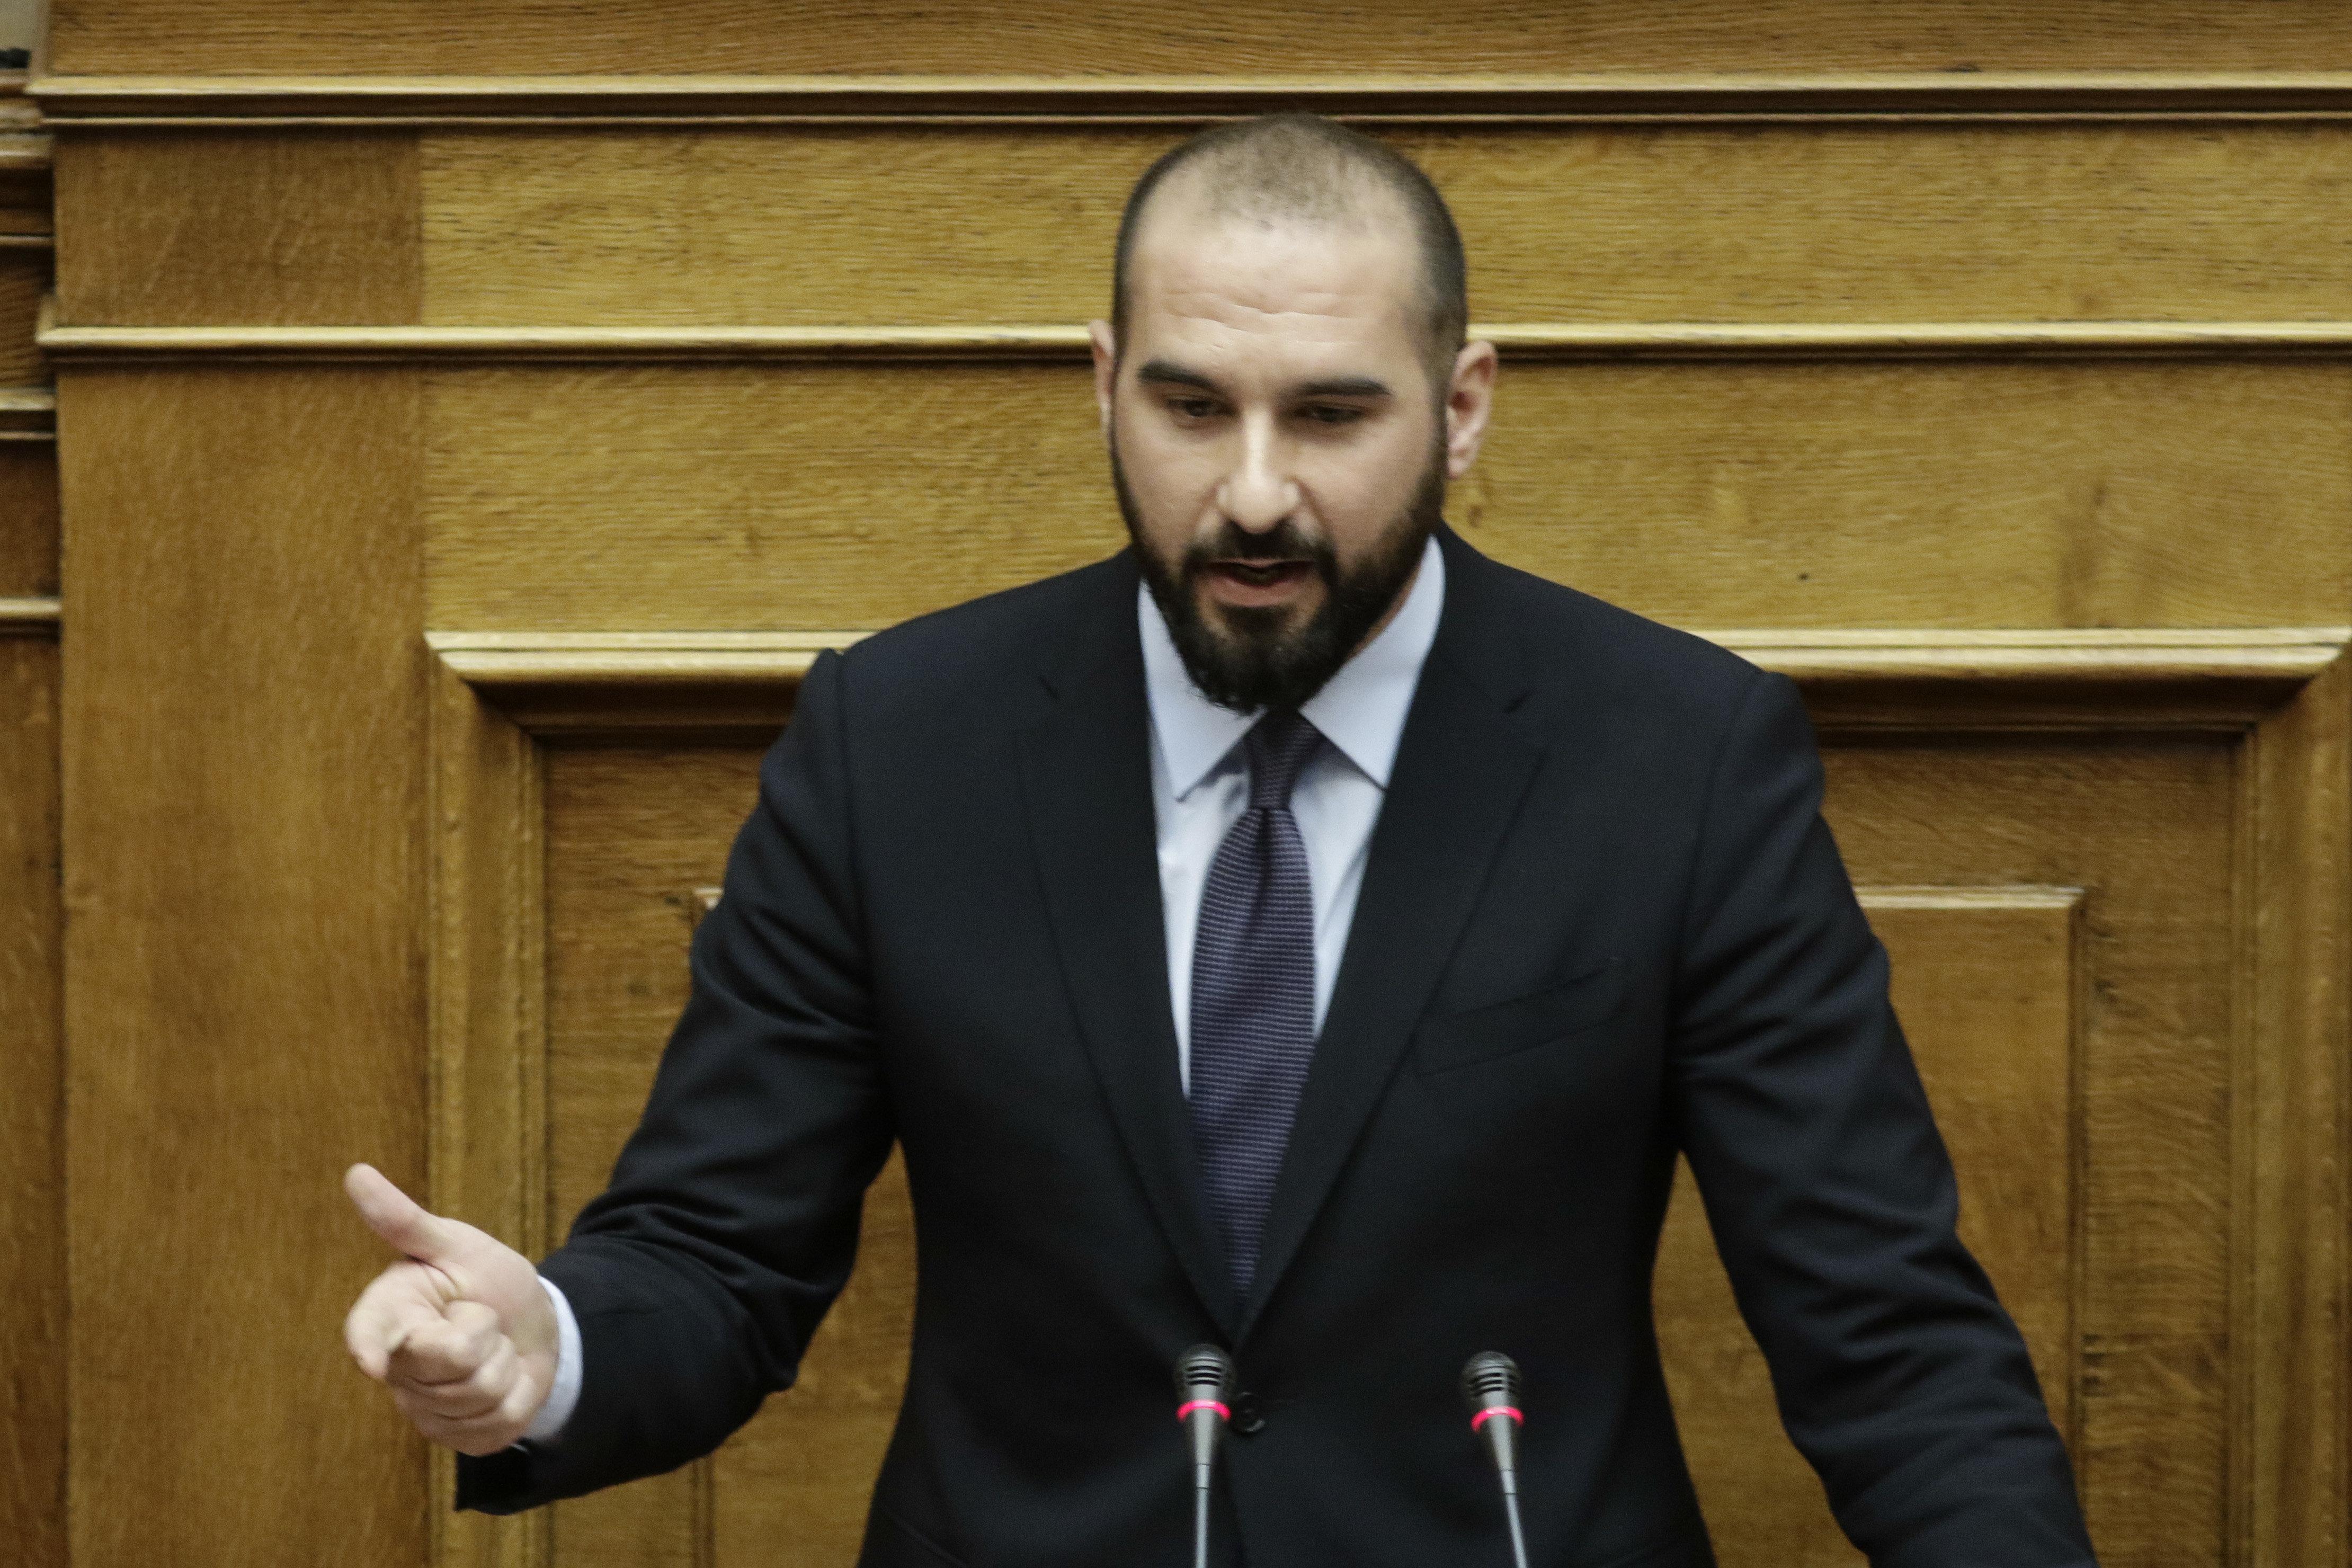 Τζανακόπουλος: Η θέση της κυβέρνησης για την ΠΓΔΜ είναι συνέχεια της θέσης της κυβέρνησης